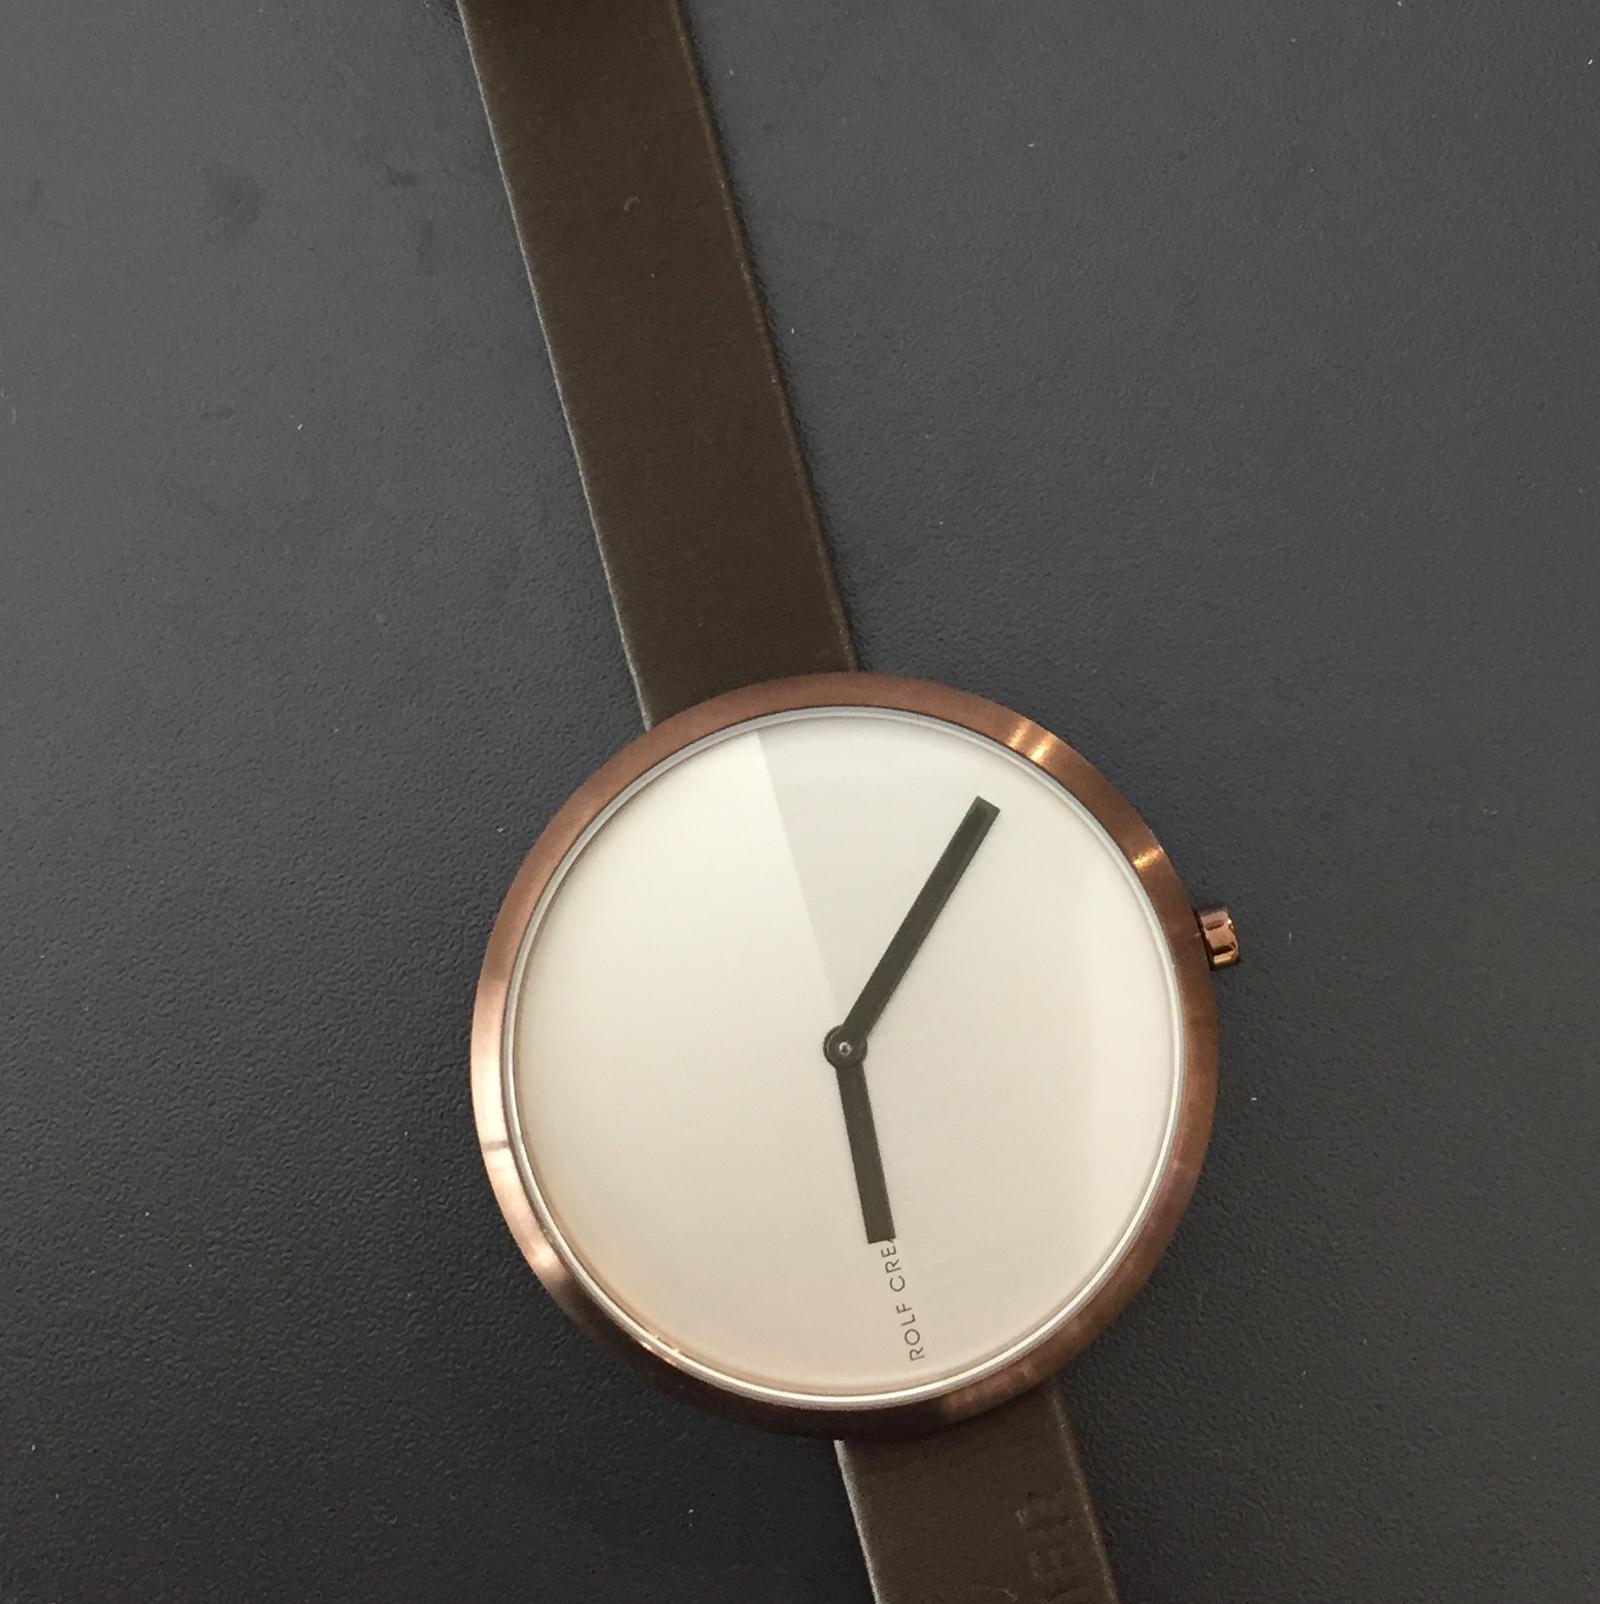 Rolf Cremer Slim Design Armbanduhr (500203) Bild 2